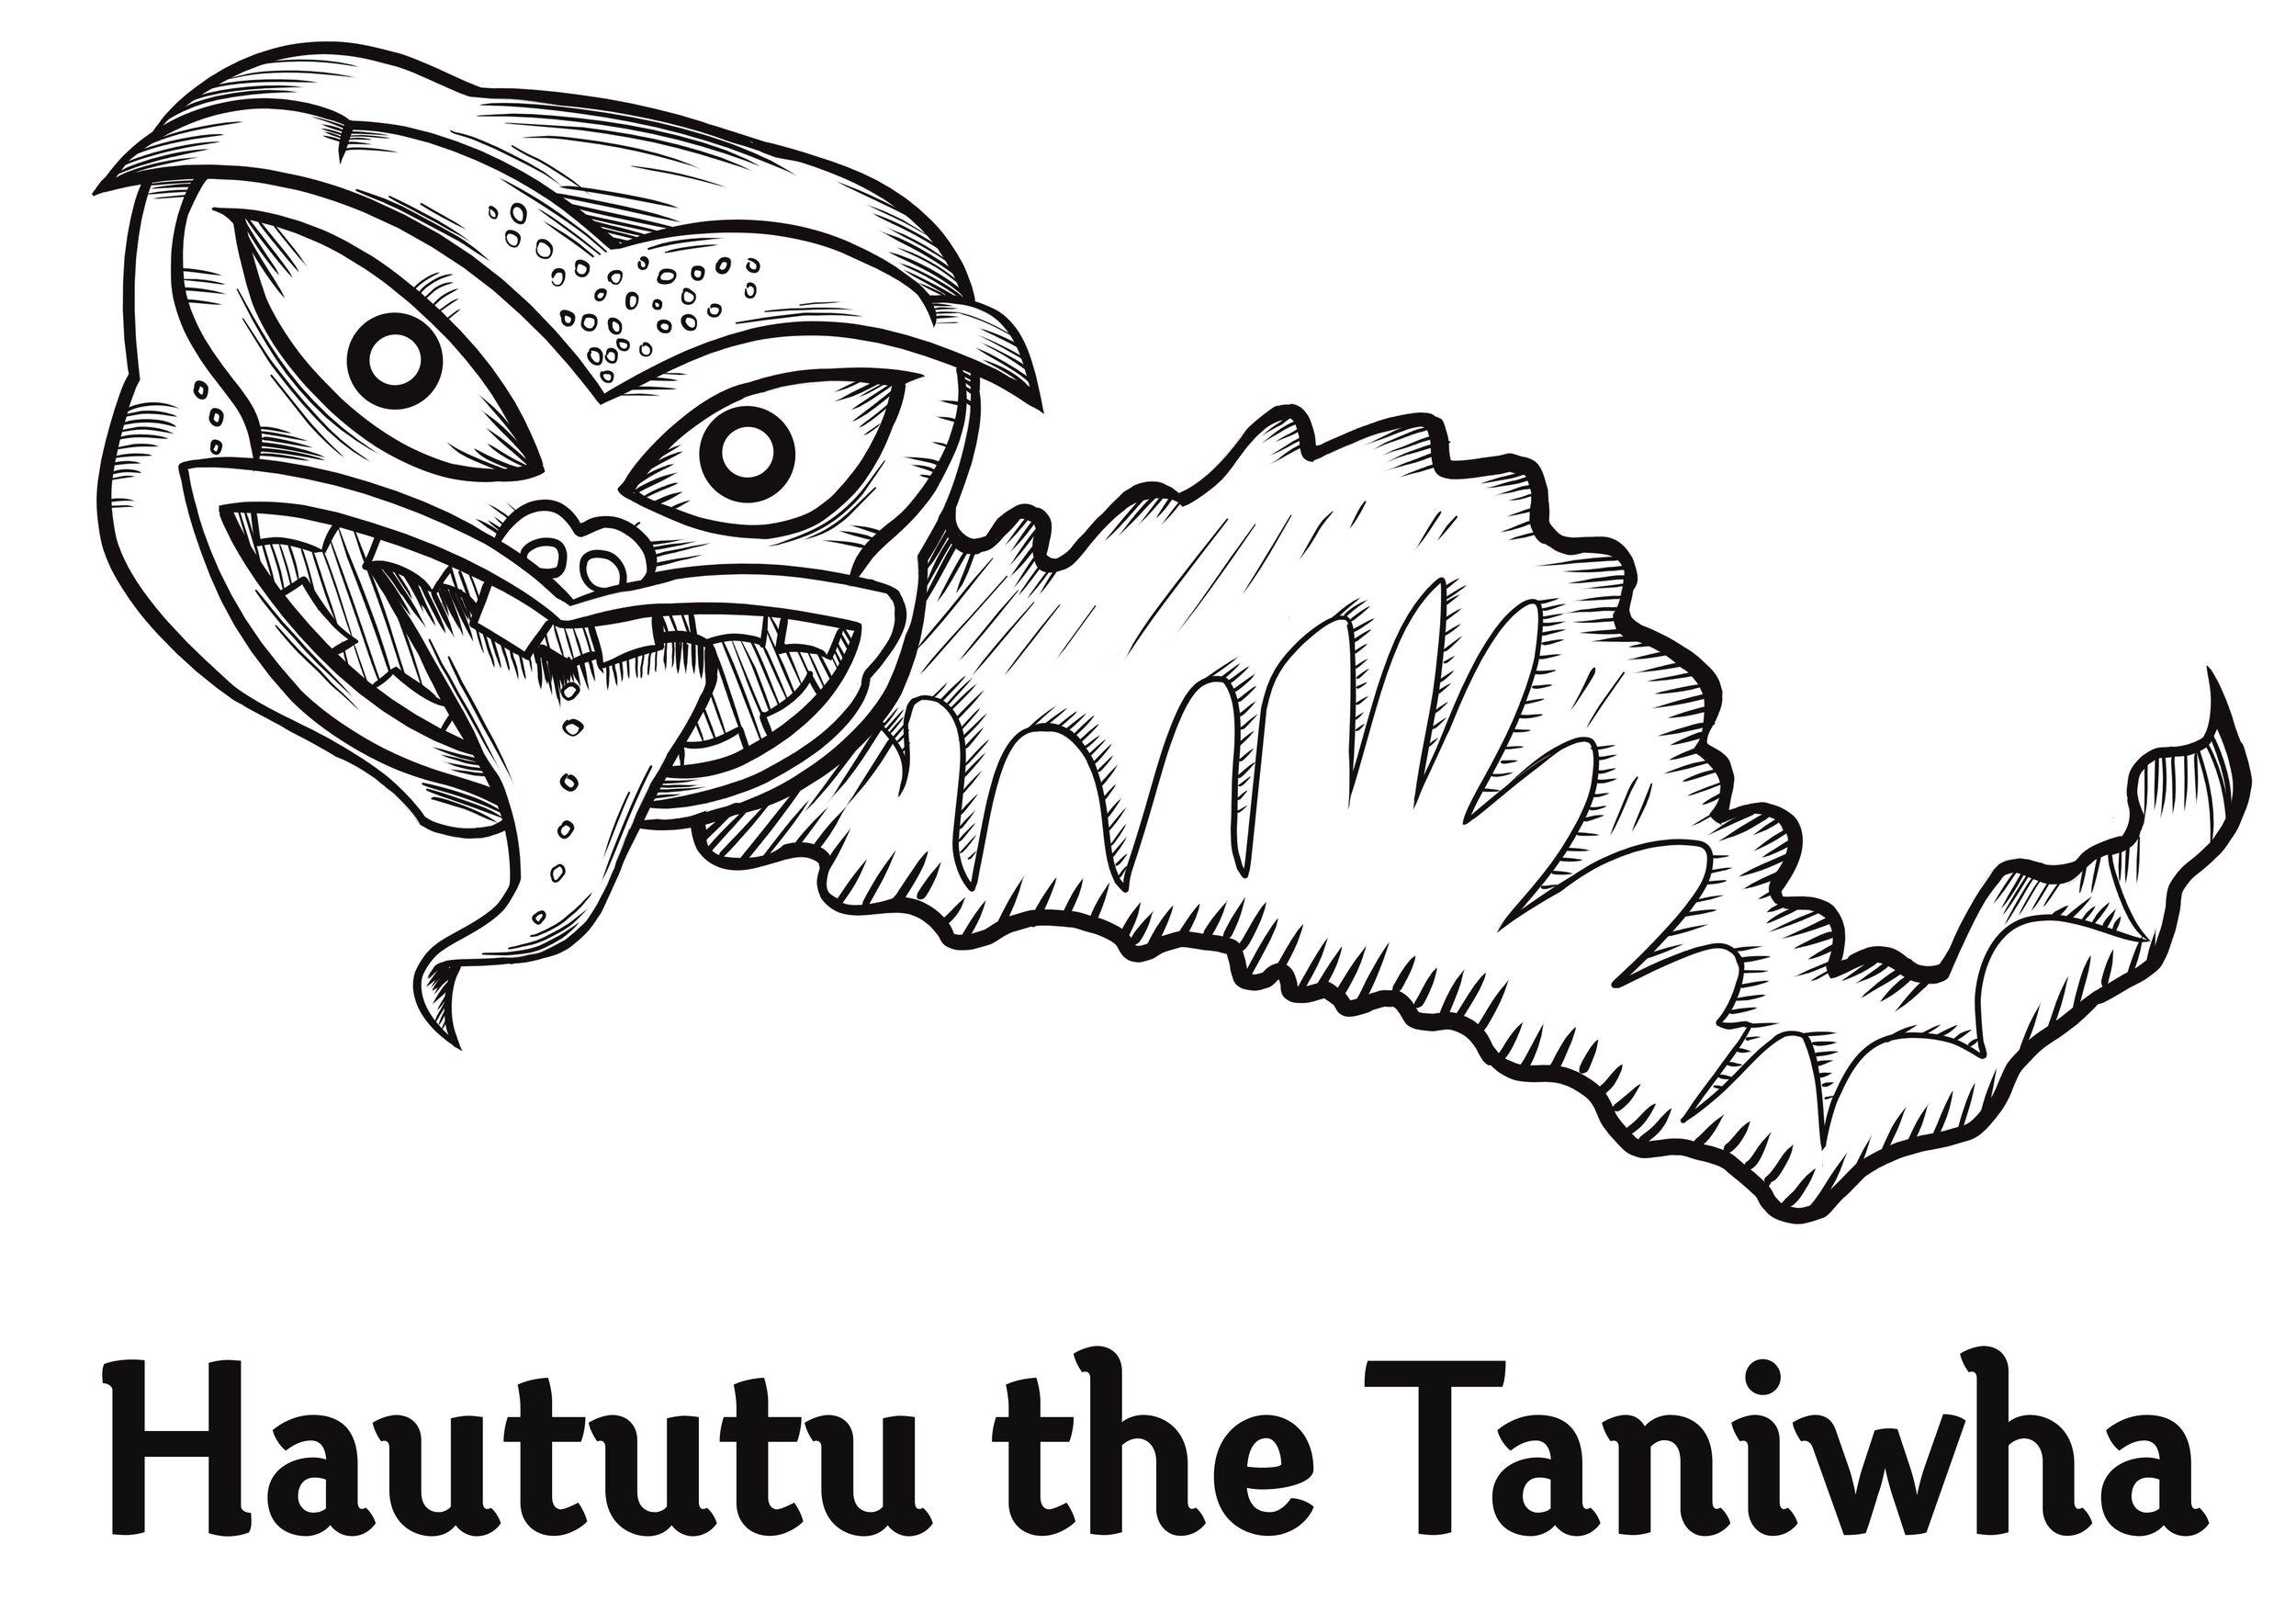 Haututu the Taniwha.jpg